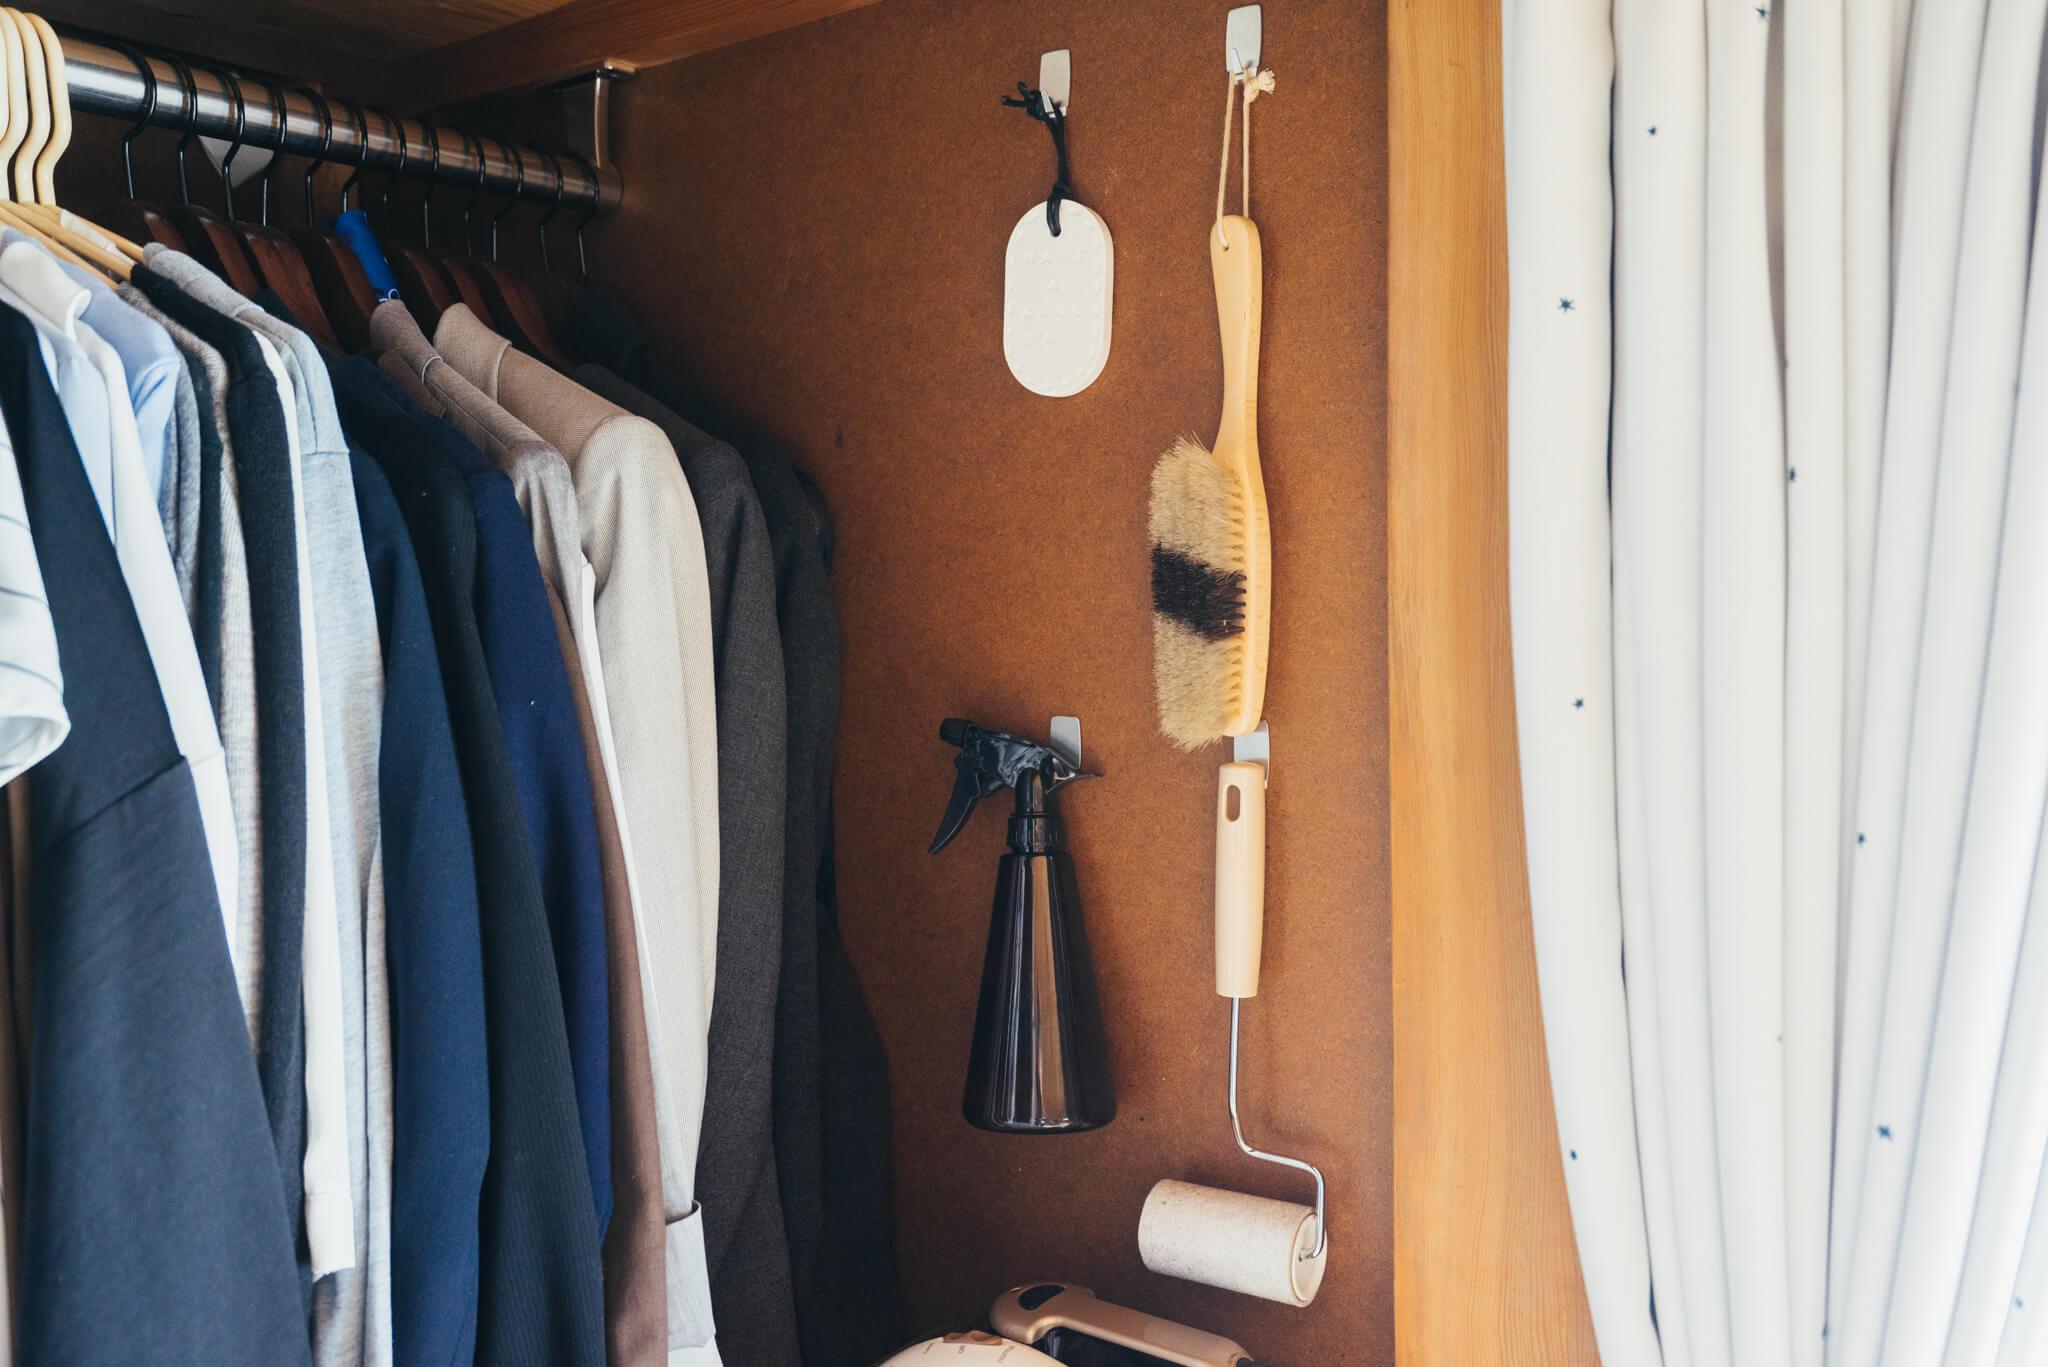 消臭スプレーや洋服ブラシなど。細々としたものにひとつずつ「指定席」をつくります。